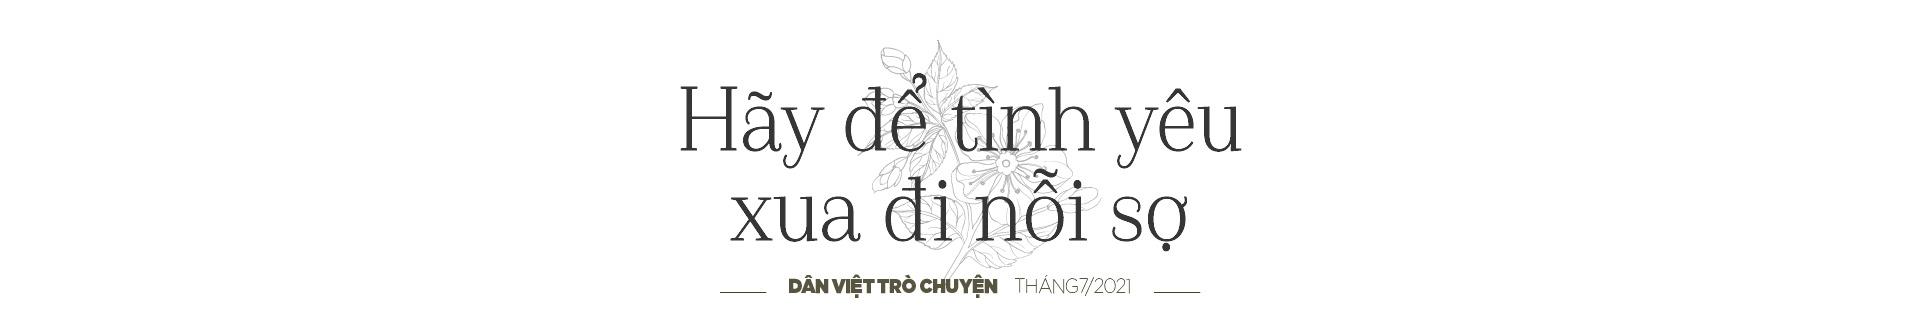 """Nguyễn Văn Phú – tác giả cuốn sách """"Bạn sinh ra để sống"""": """"Với tôi, ung thư là một món quà""""  - Ảnh 14."""